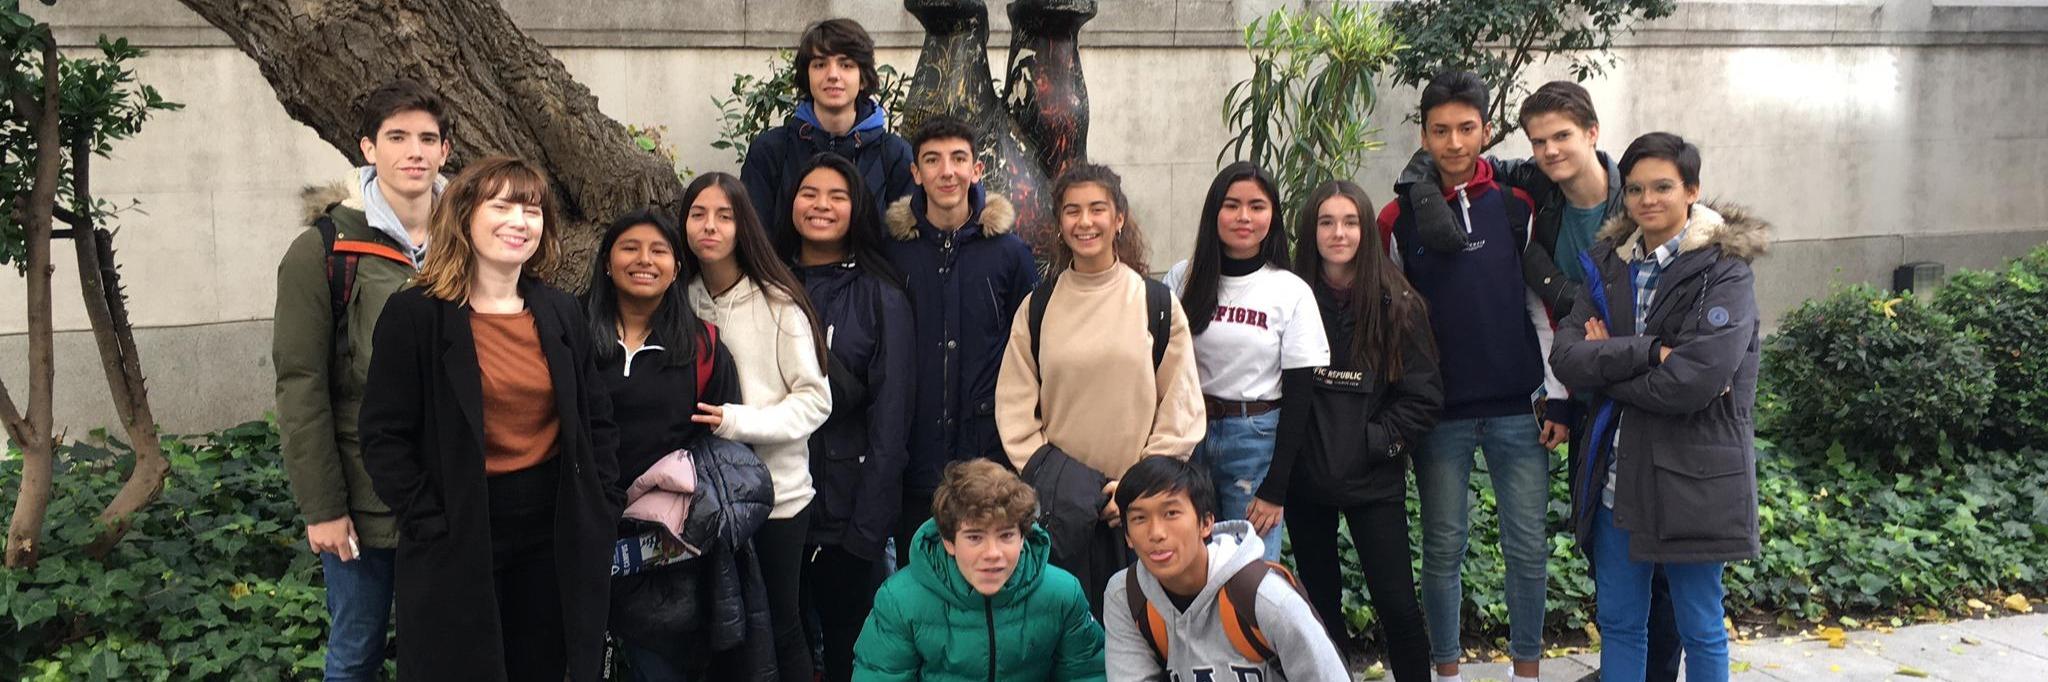 Visita de nuestros estudiantes al Goethe-Institut